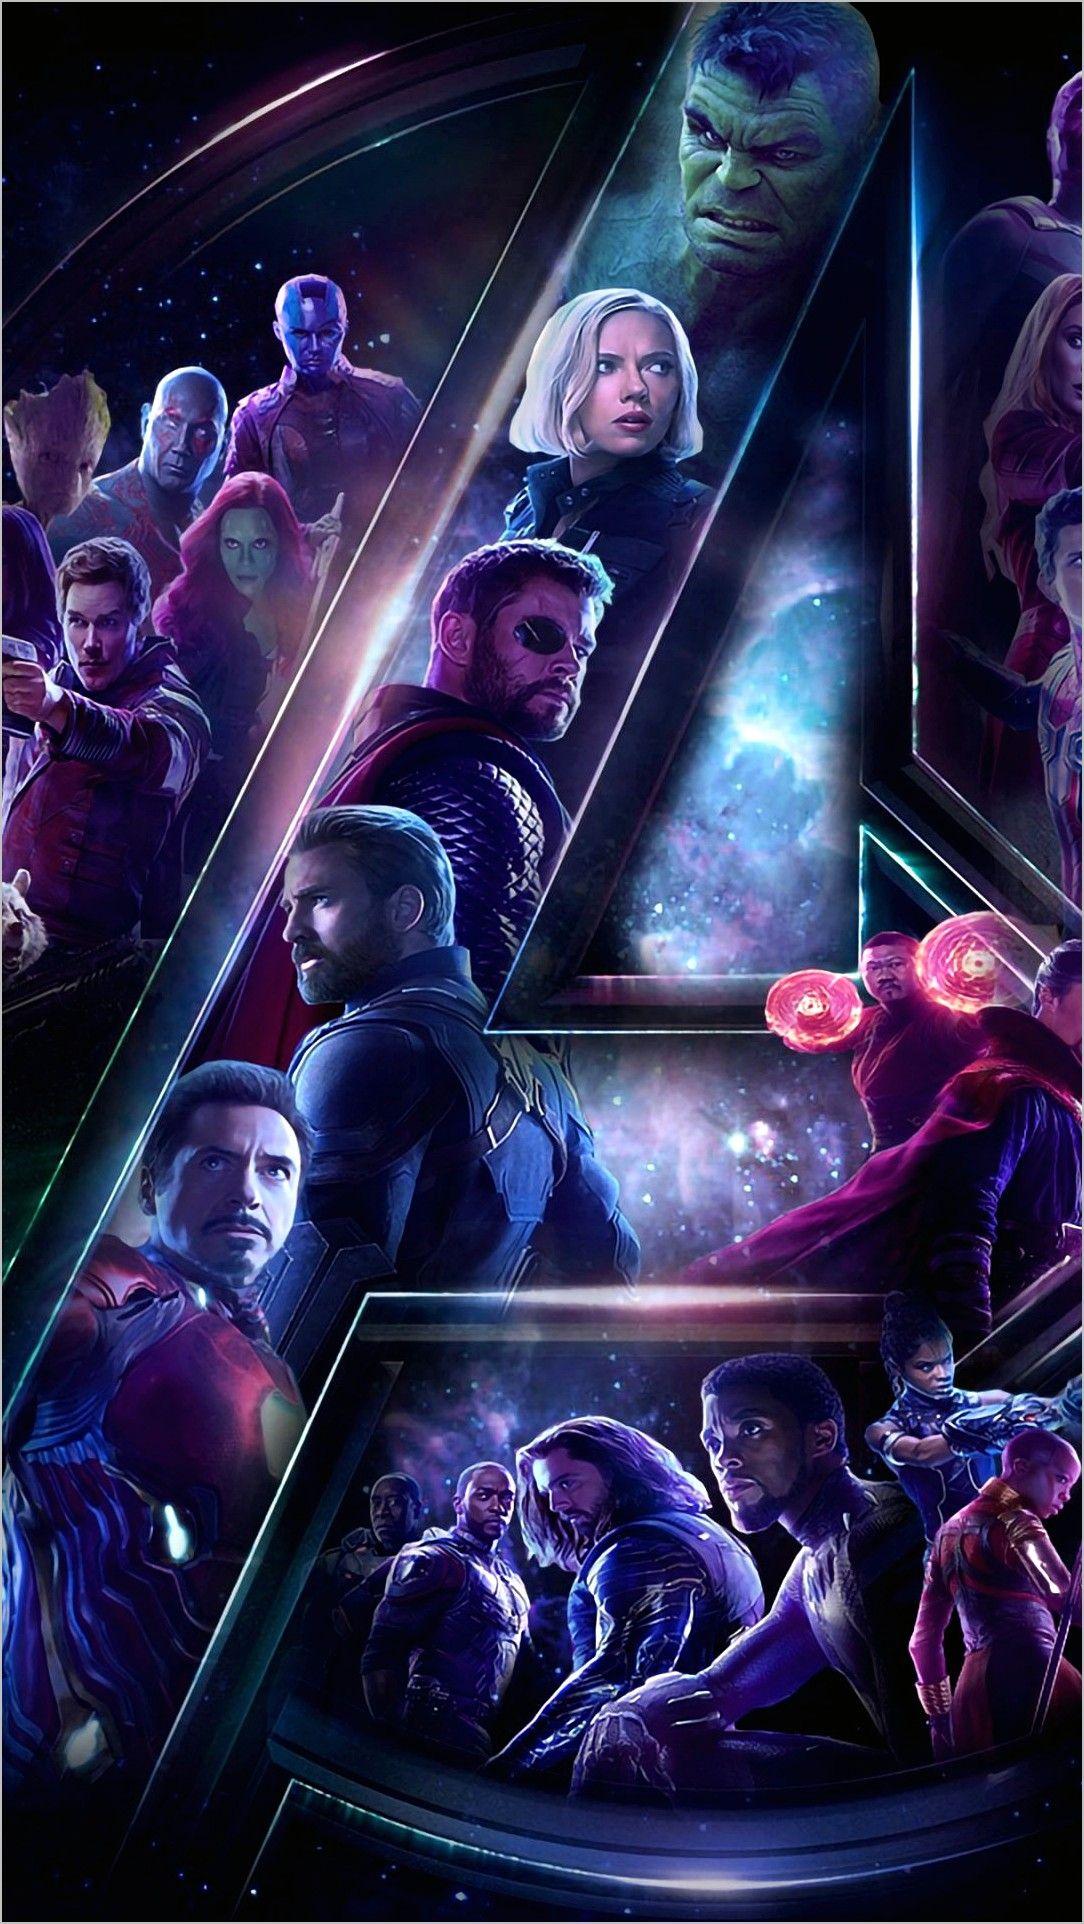 Avengers Mobile Wallpaper 4k 4k wallpaper avengers for mobile